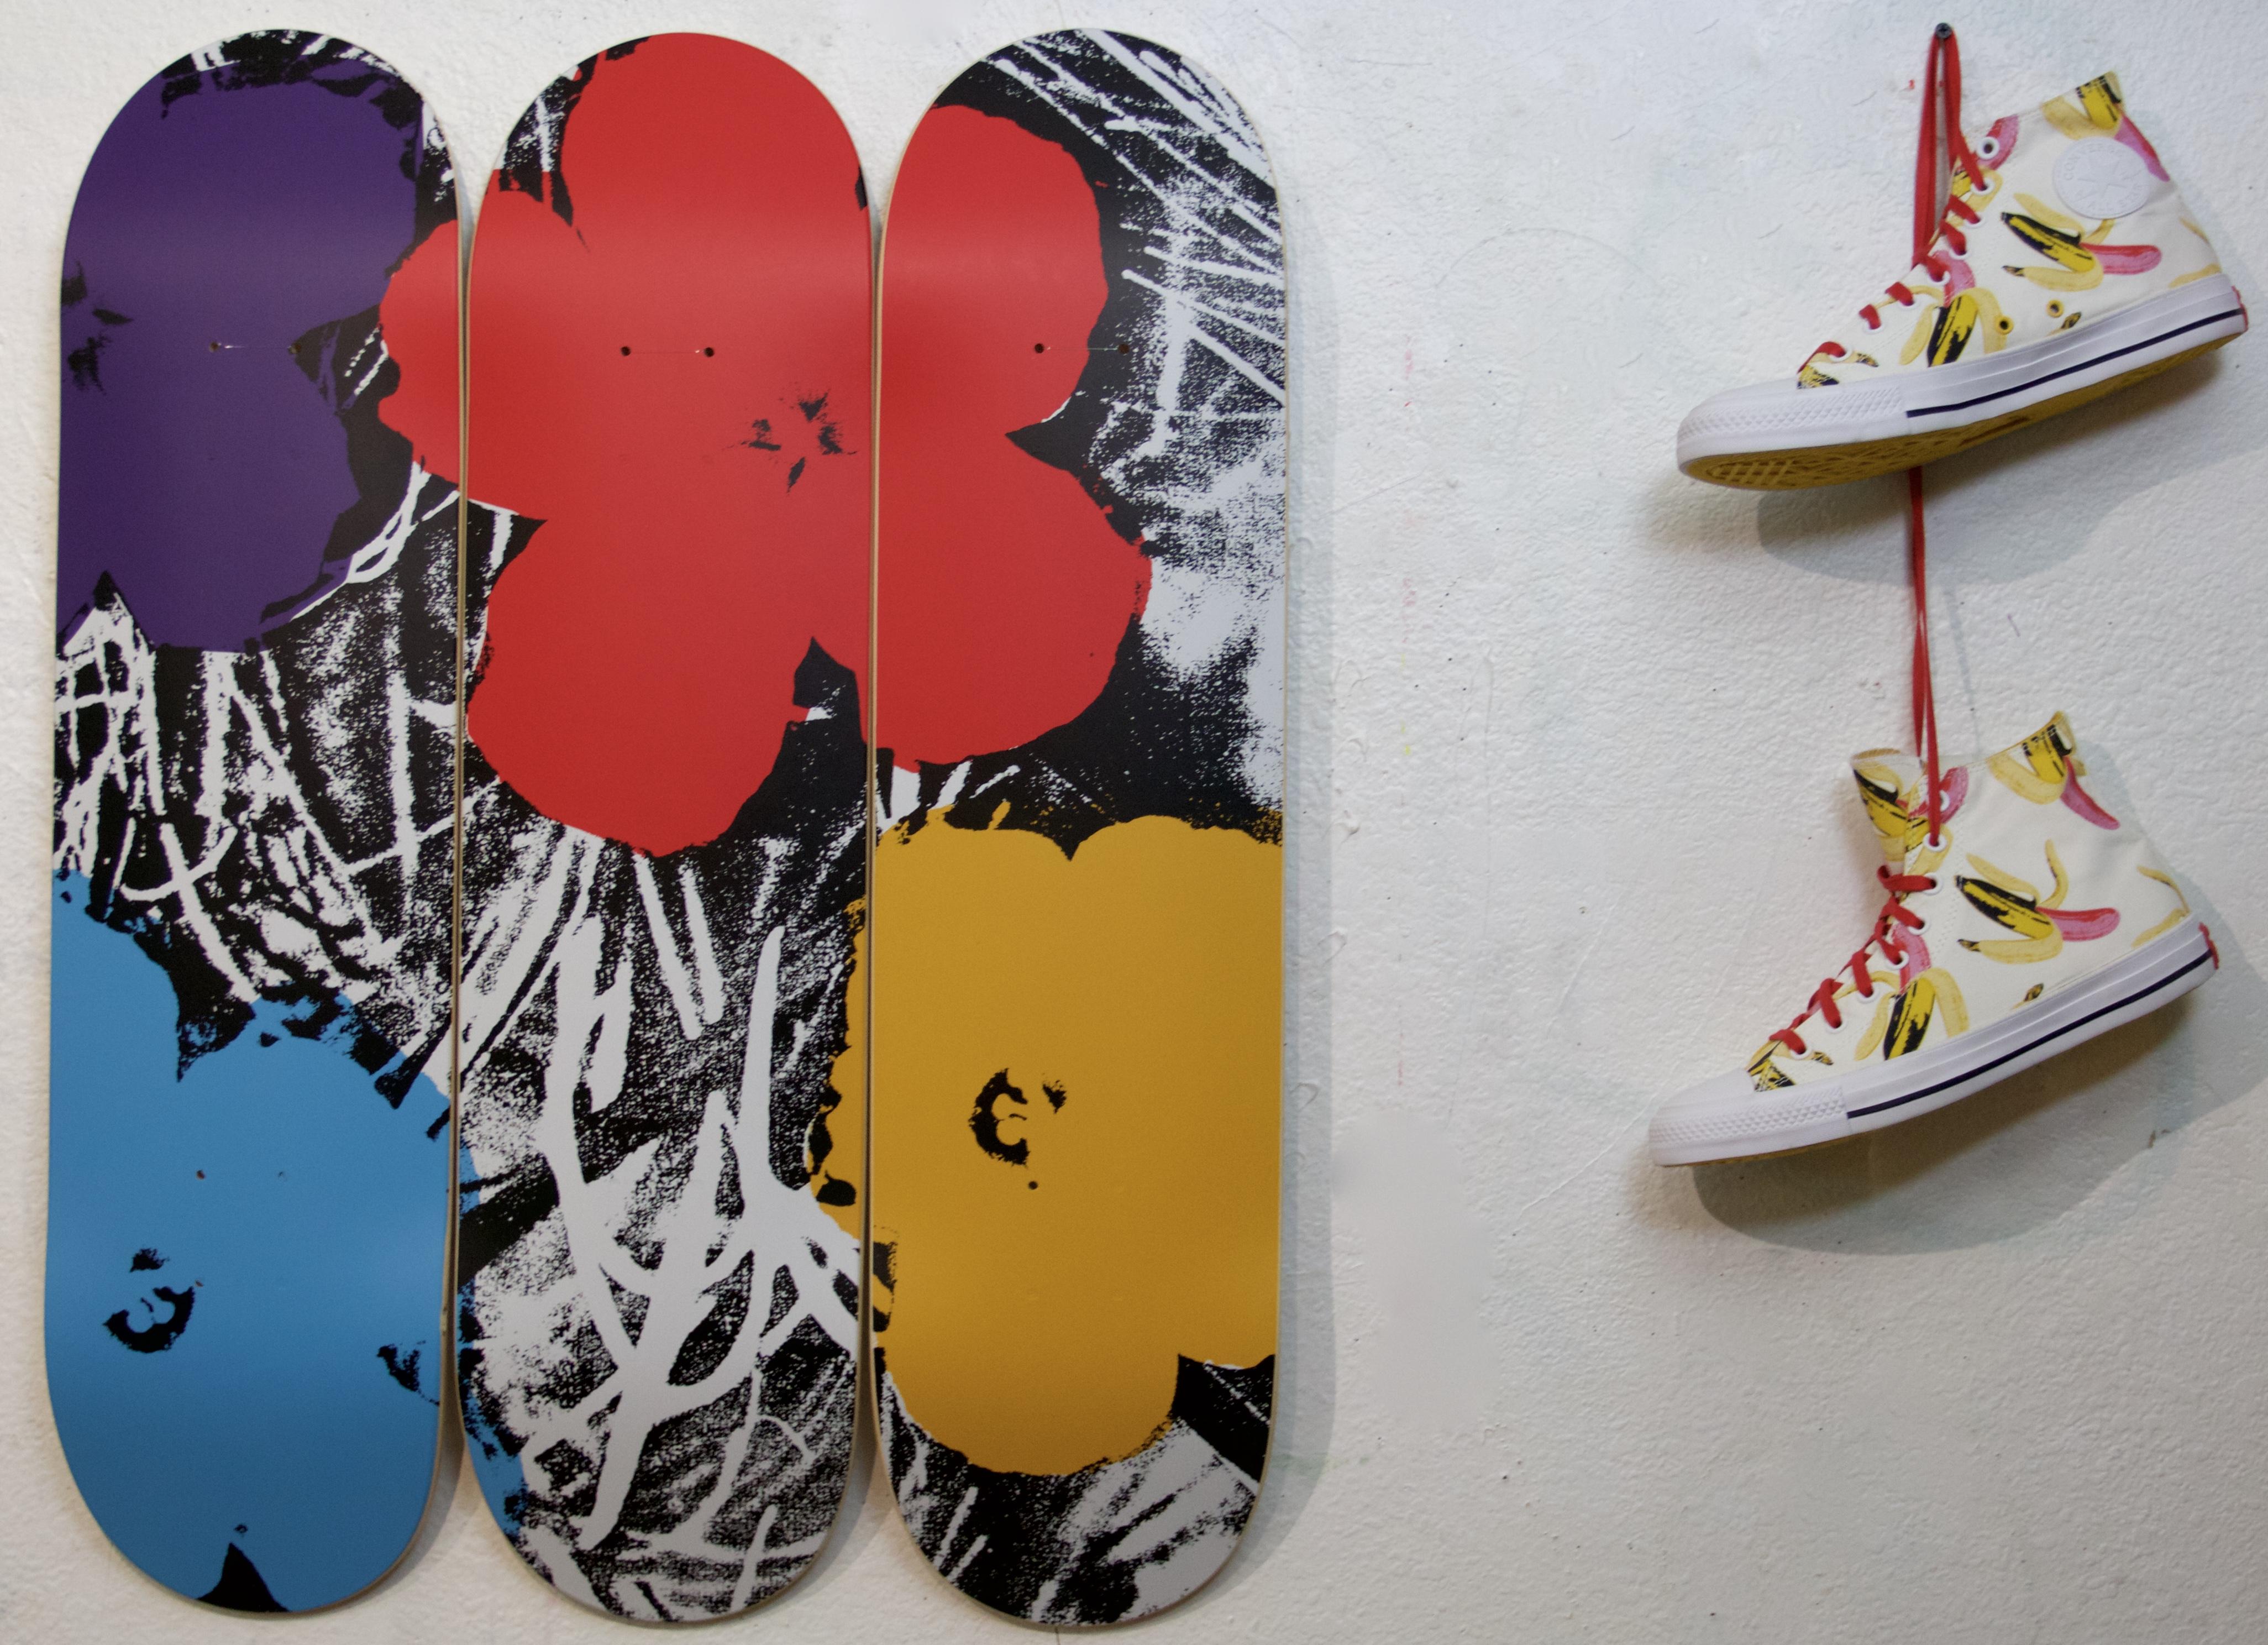 Warhol street art